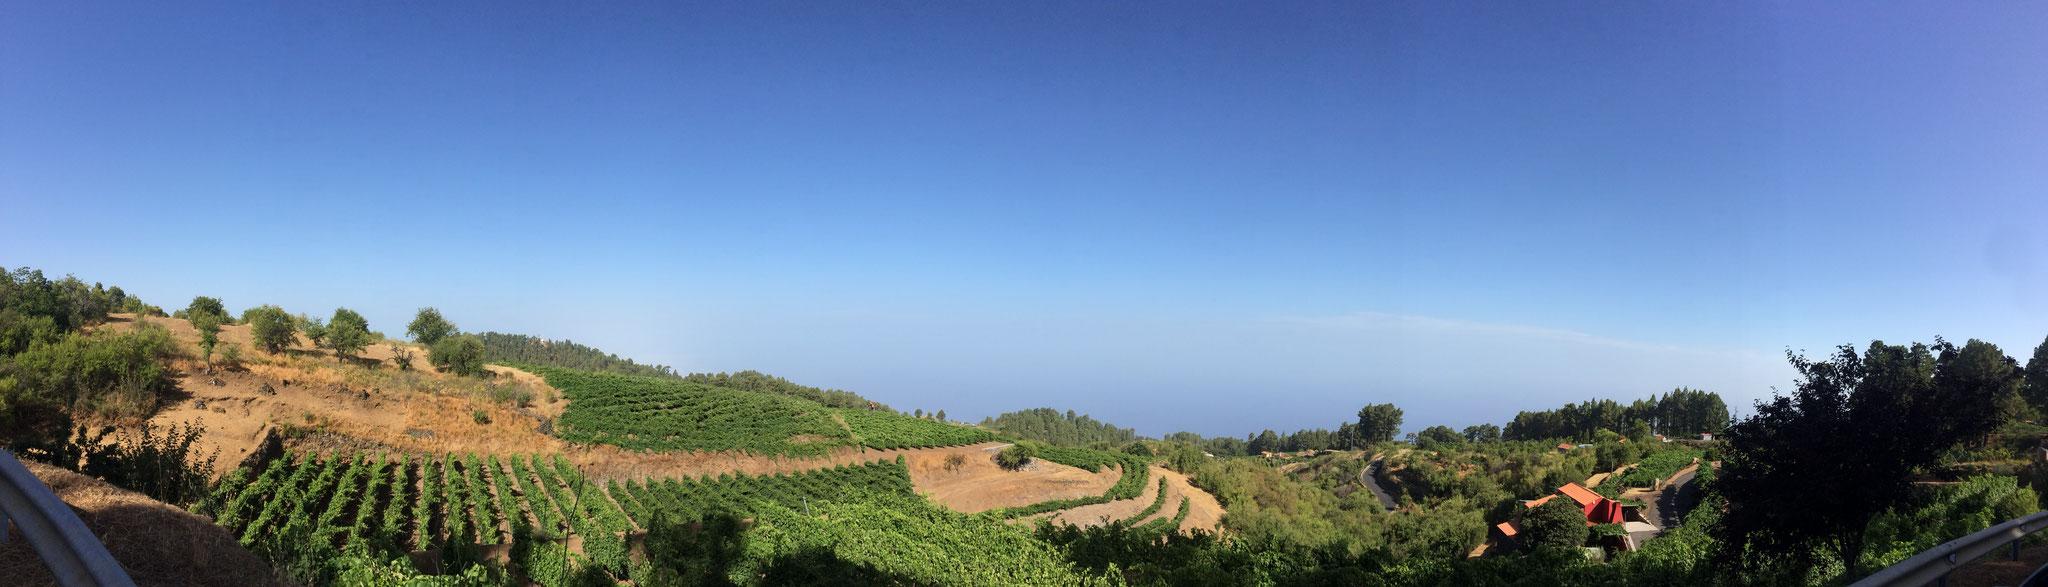 La Palma - Weinberg bei Puntagorda